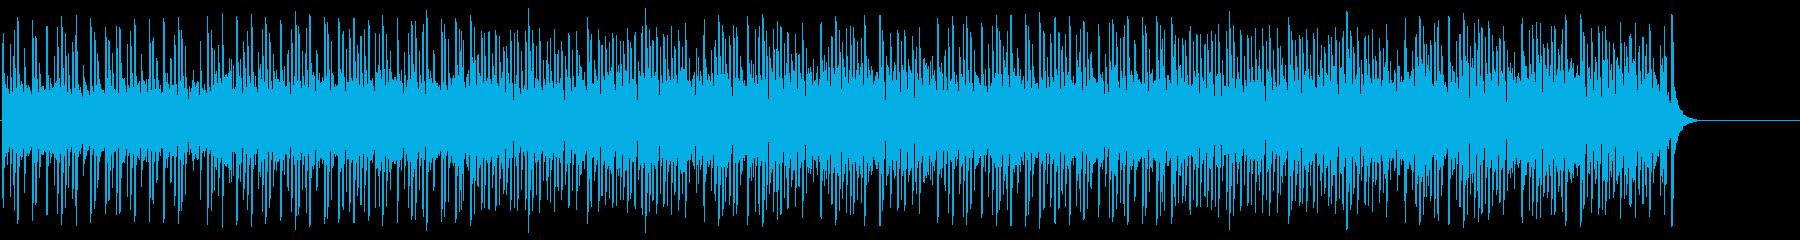 楽しさ満載のポップ/ロックの再生済みの波形